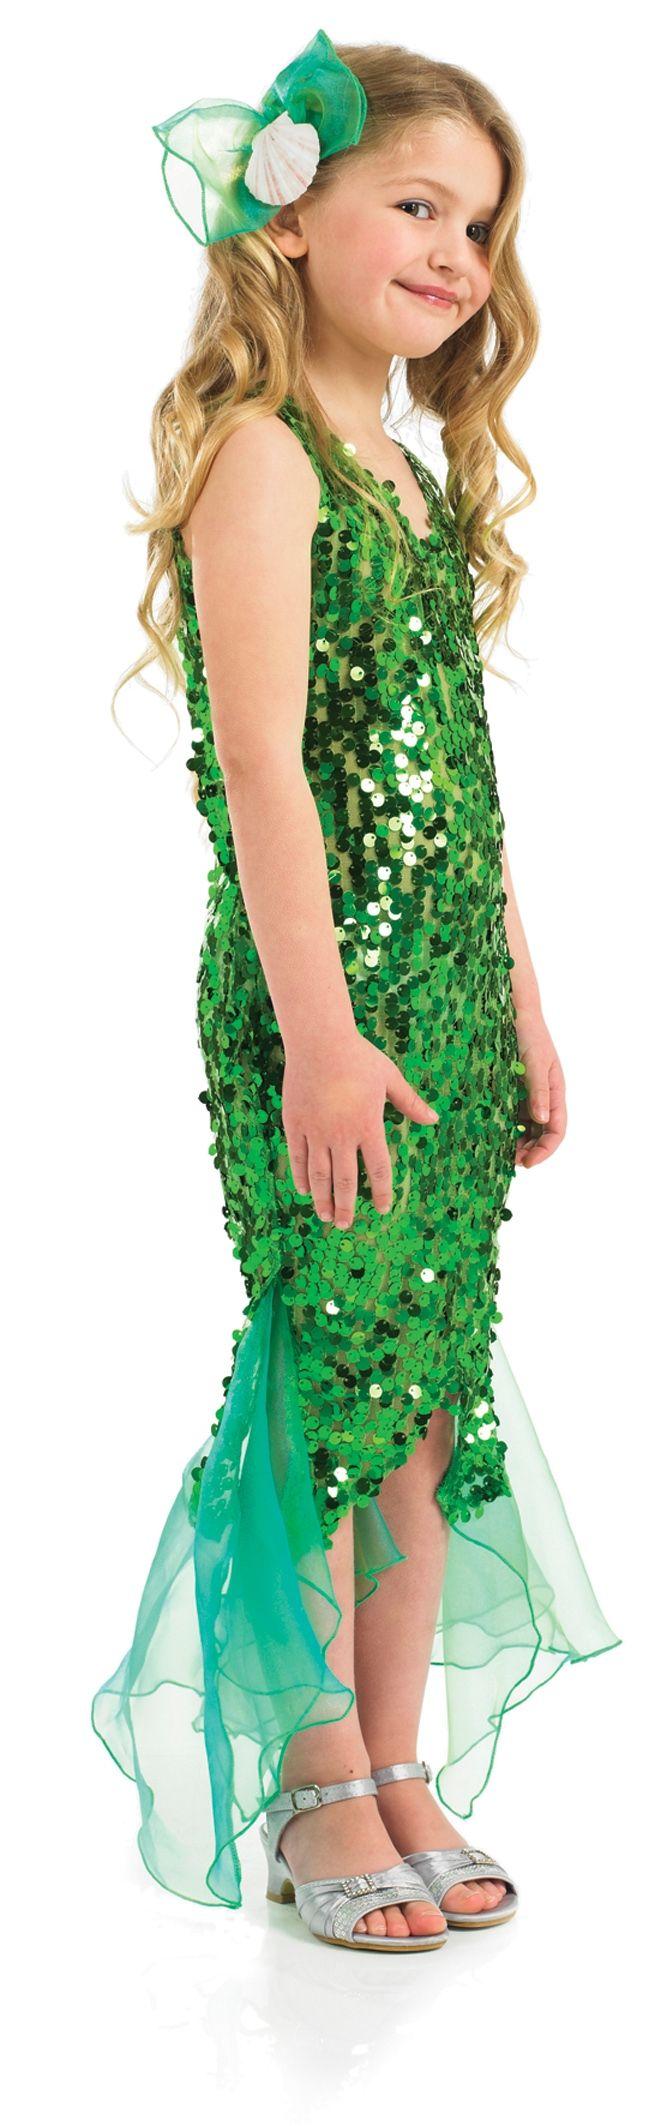 b64aadb5979b Little Mermaid Girls Fancy Dress Green Sequin Ariel Fairytale Kids ...